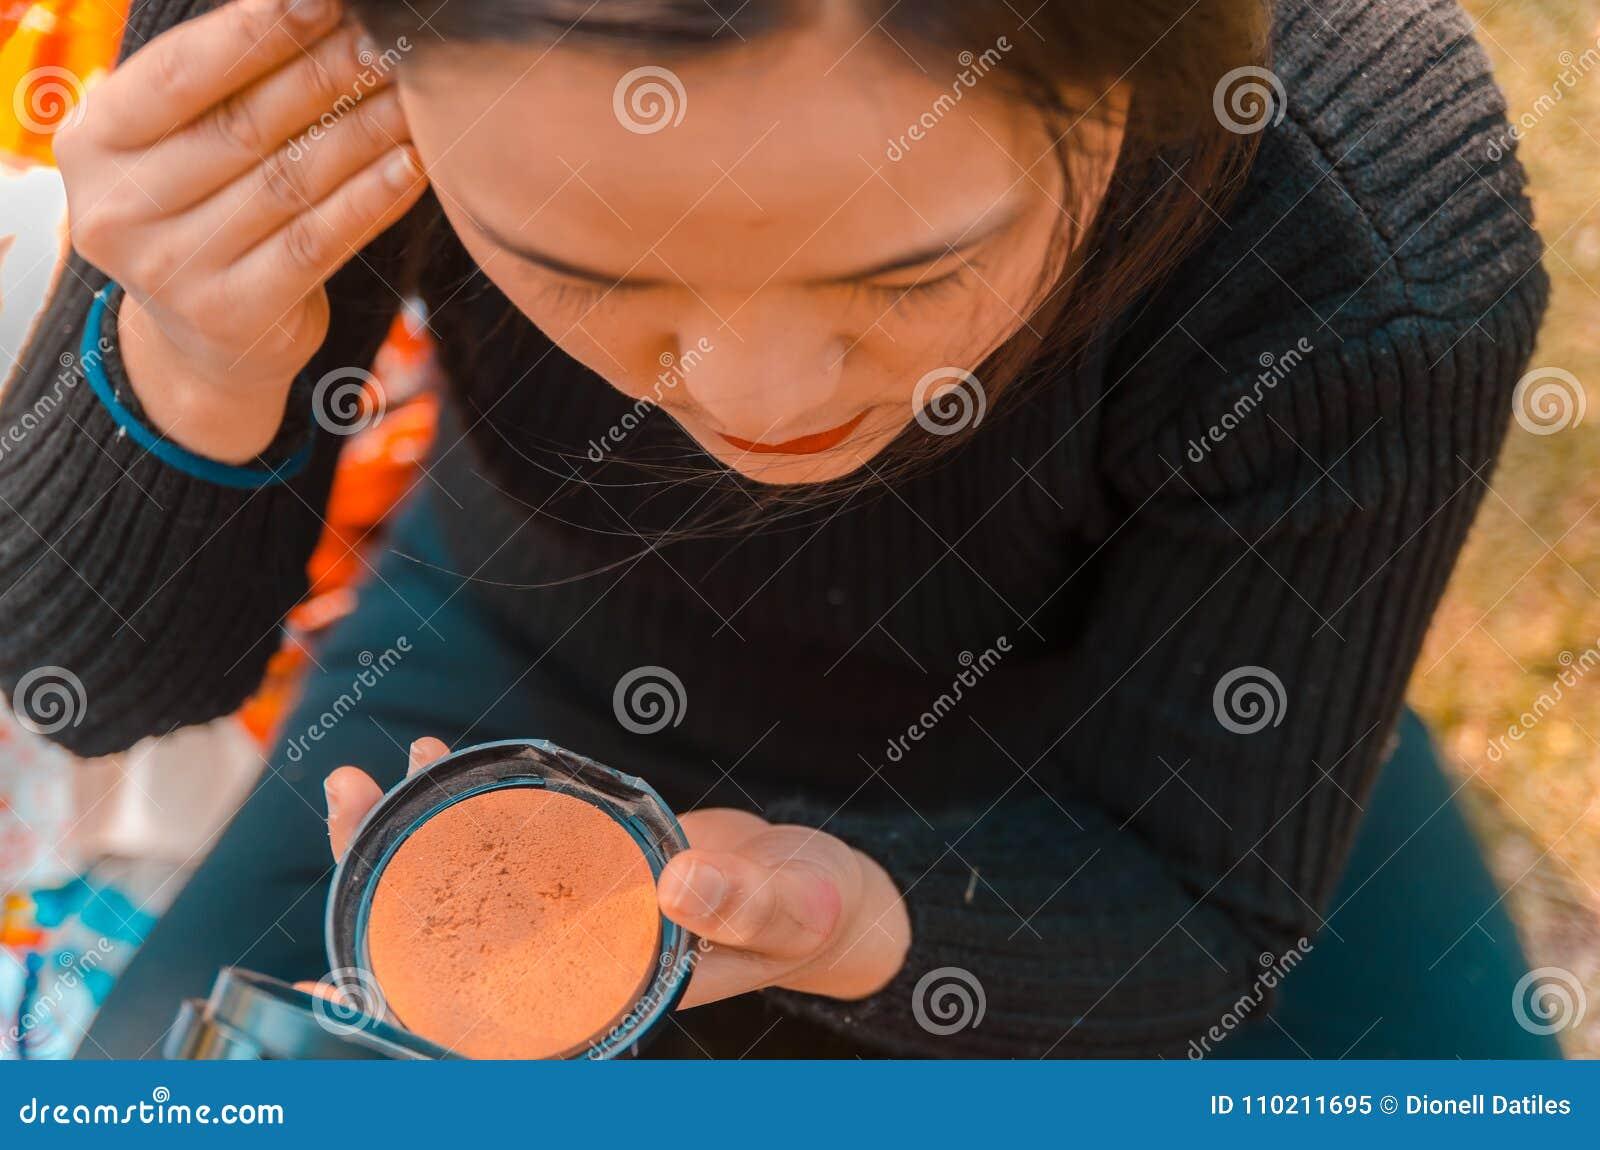 De jonge dame die op haar zetten maakt omhoog het kijken op een zakspiegel